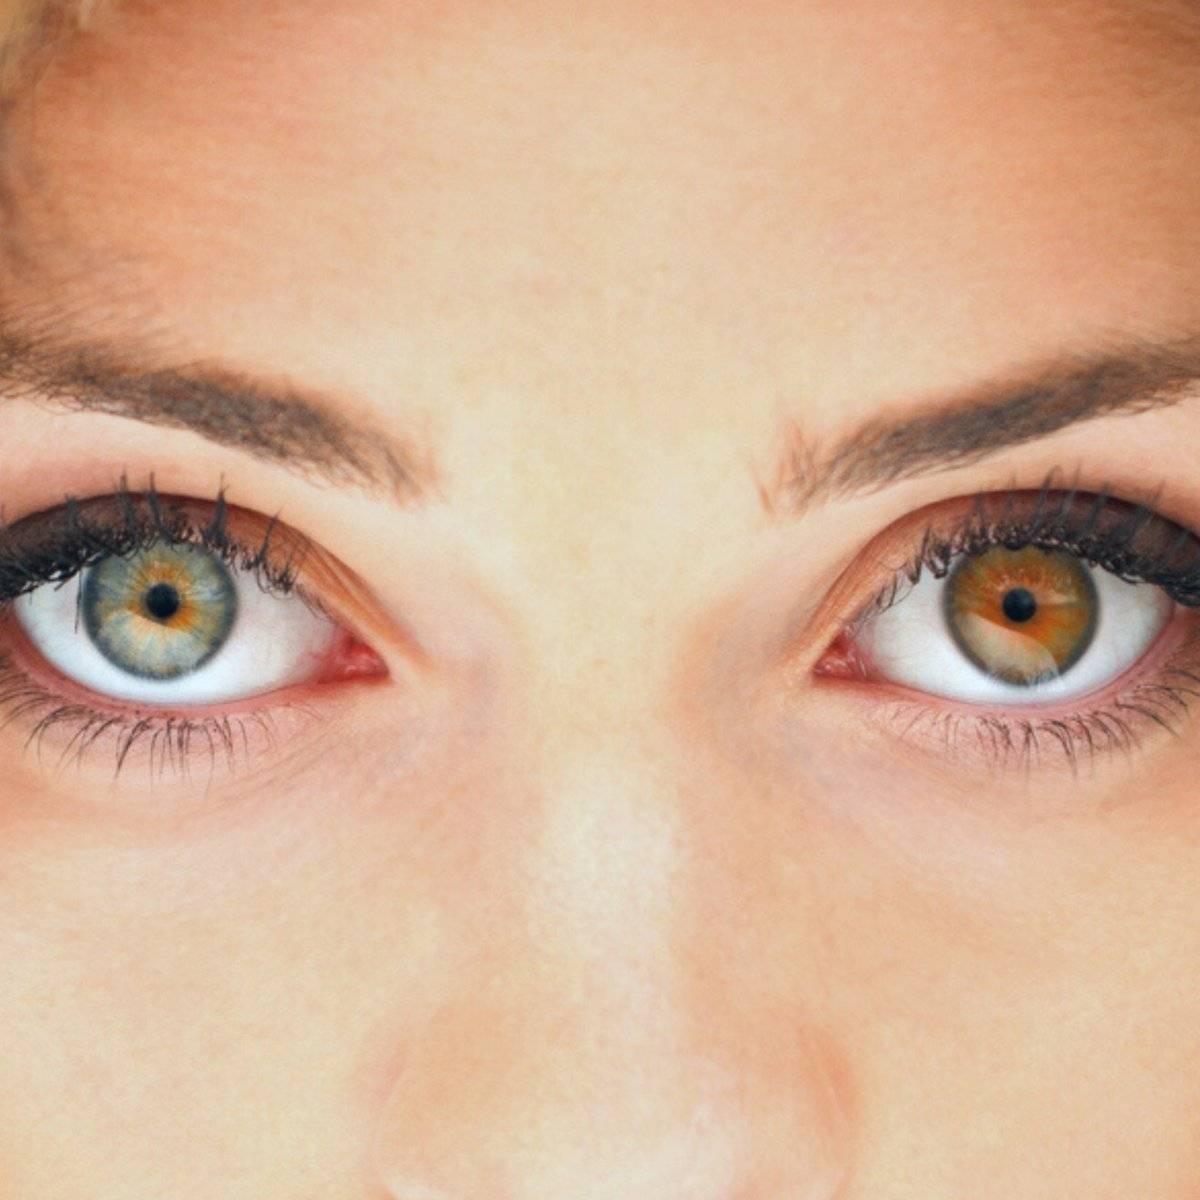 Гетерохромия глаз (пьебалдизм): что это, причины, виды, лечение